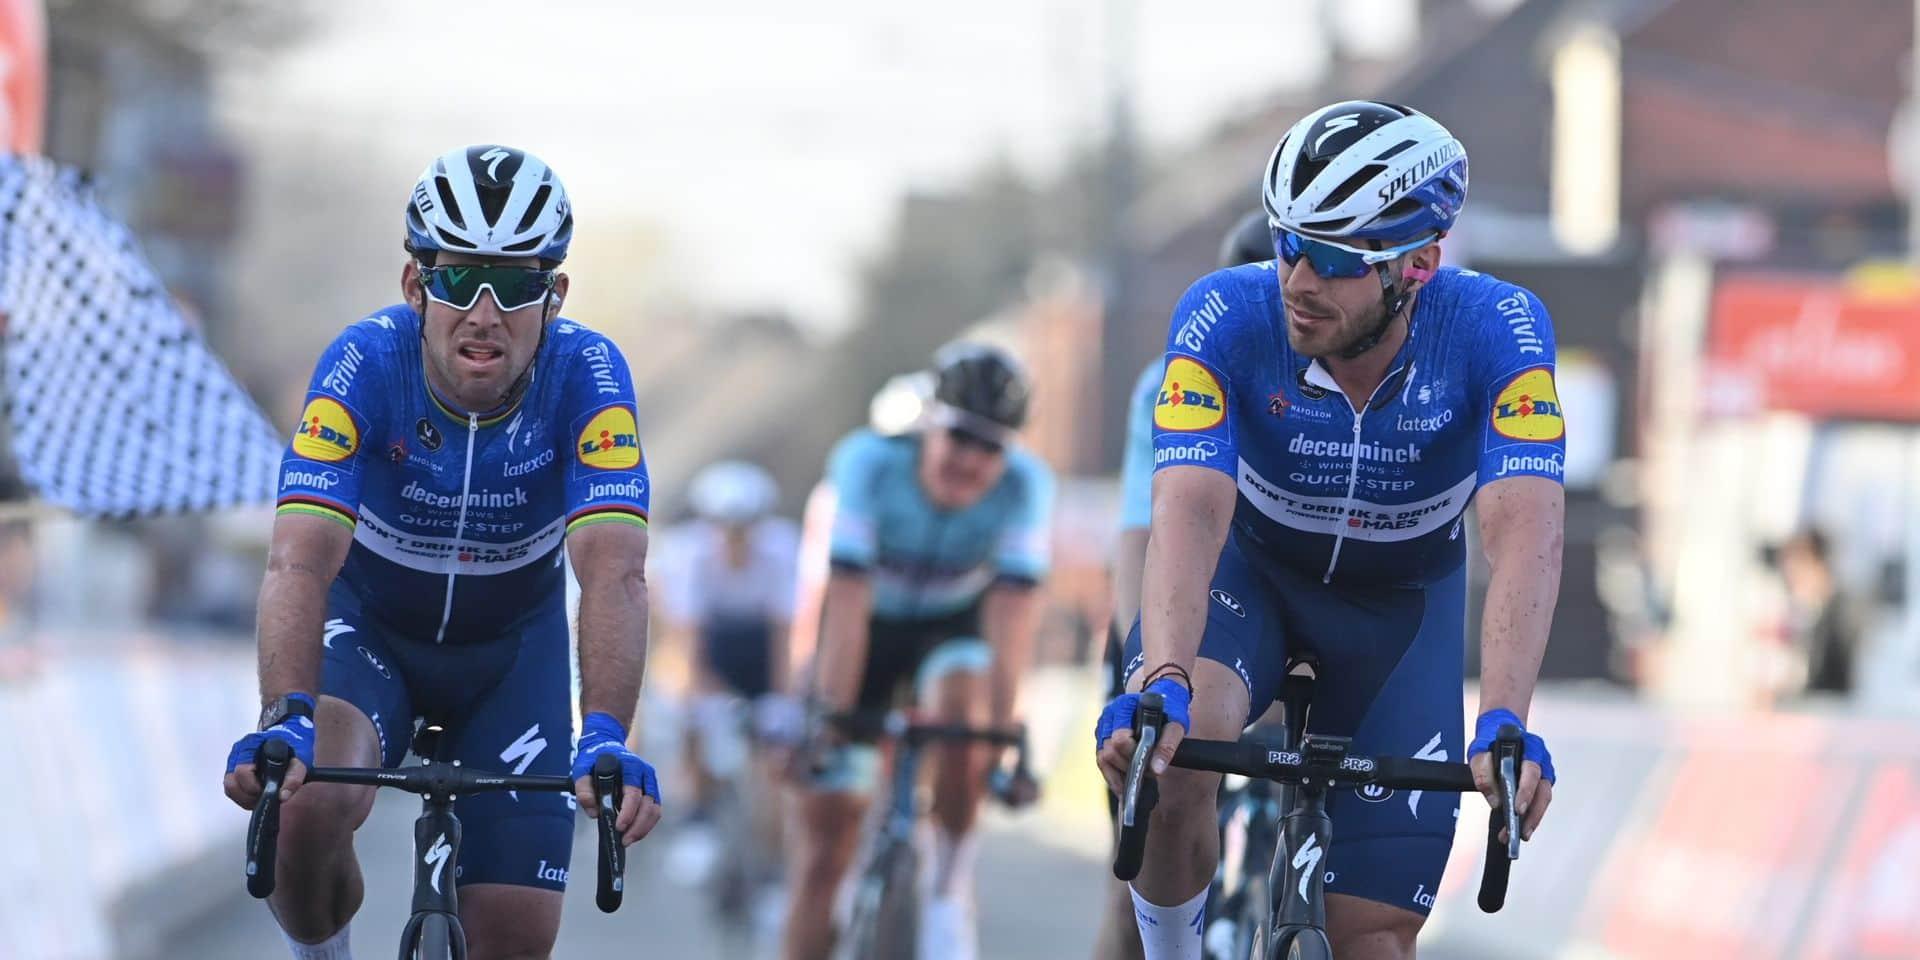 """""""Tim Merlier était très fort aujourd'hui"""", reconnaît Mark Cavendish, deuxième"""